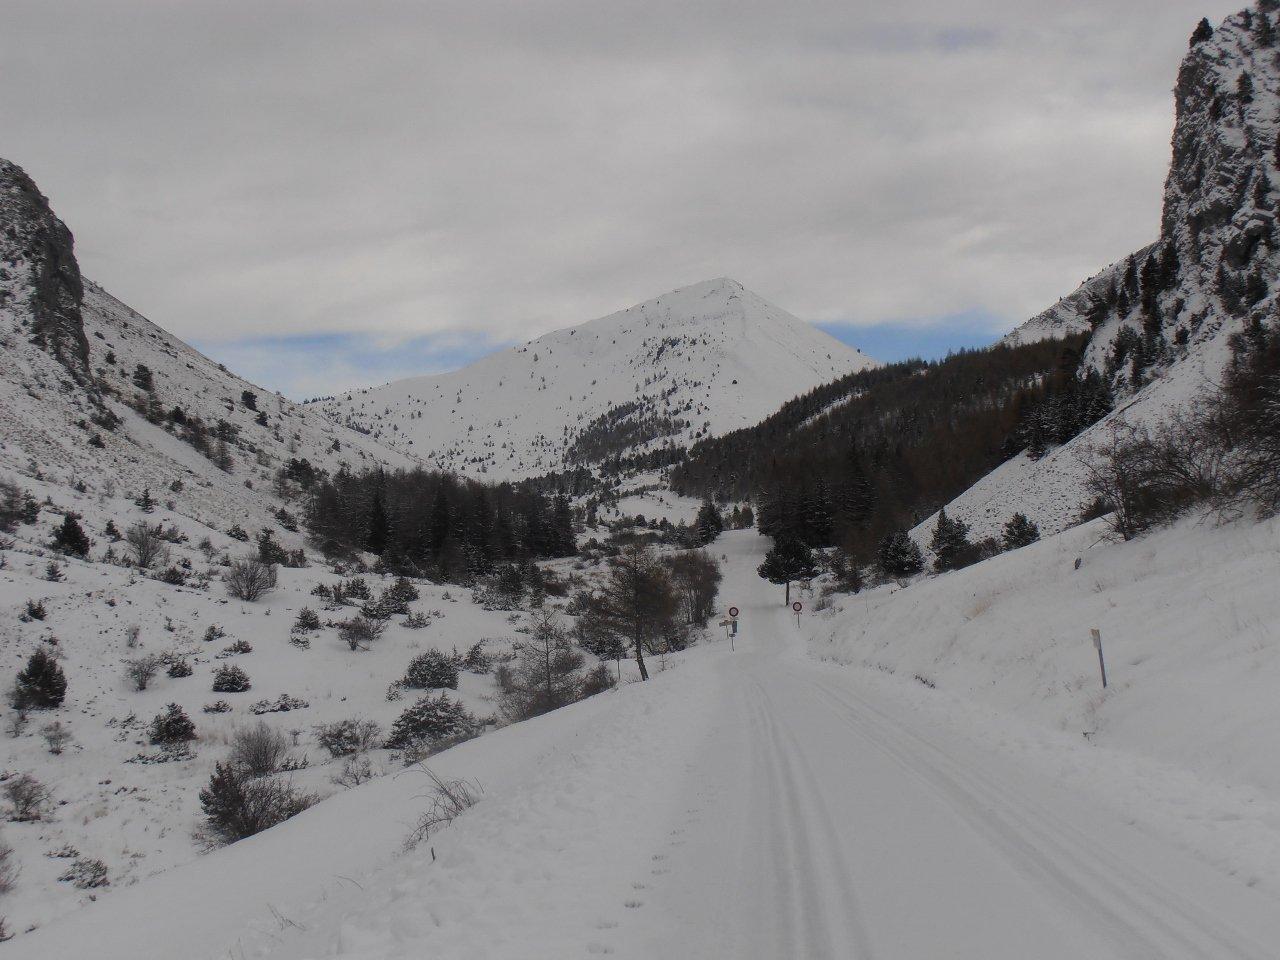 02 - il vallone che porta al Col la Saume a sx e al Col du Noyer a destra